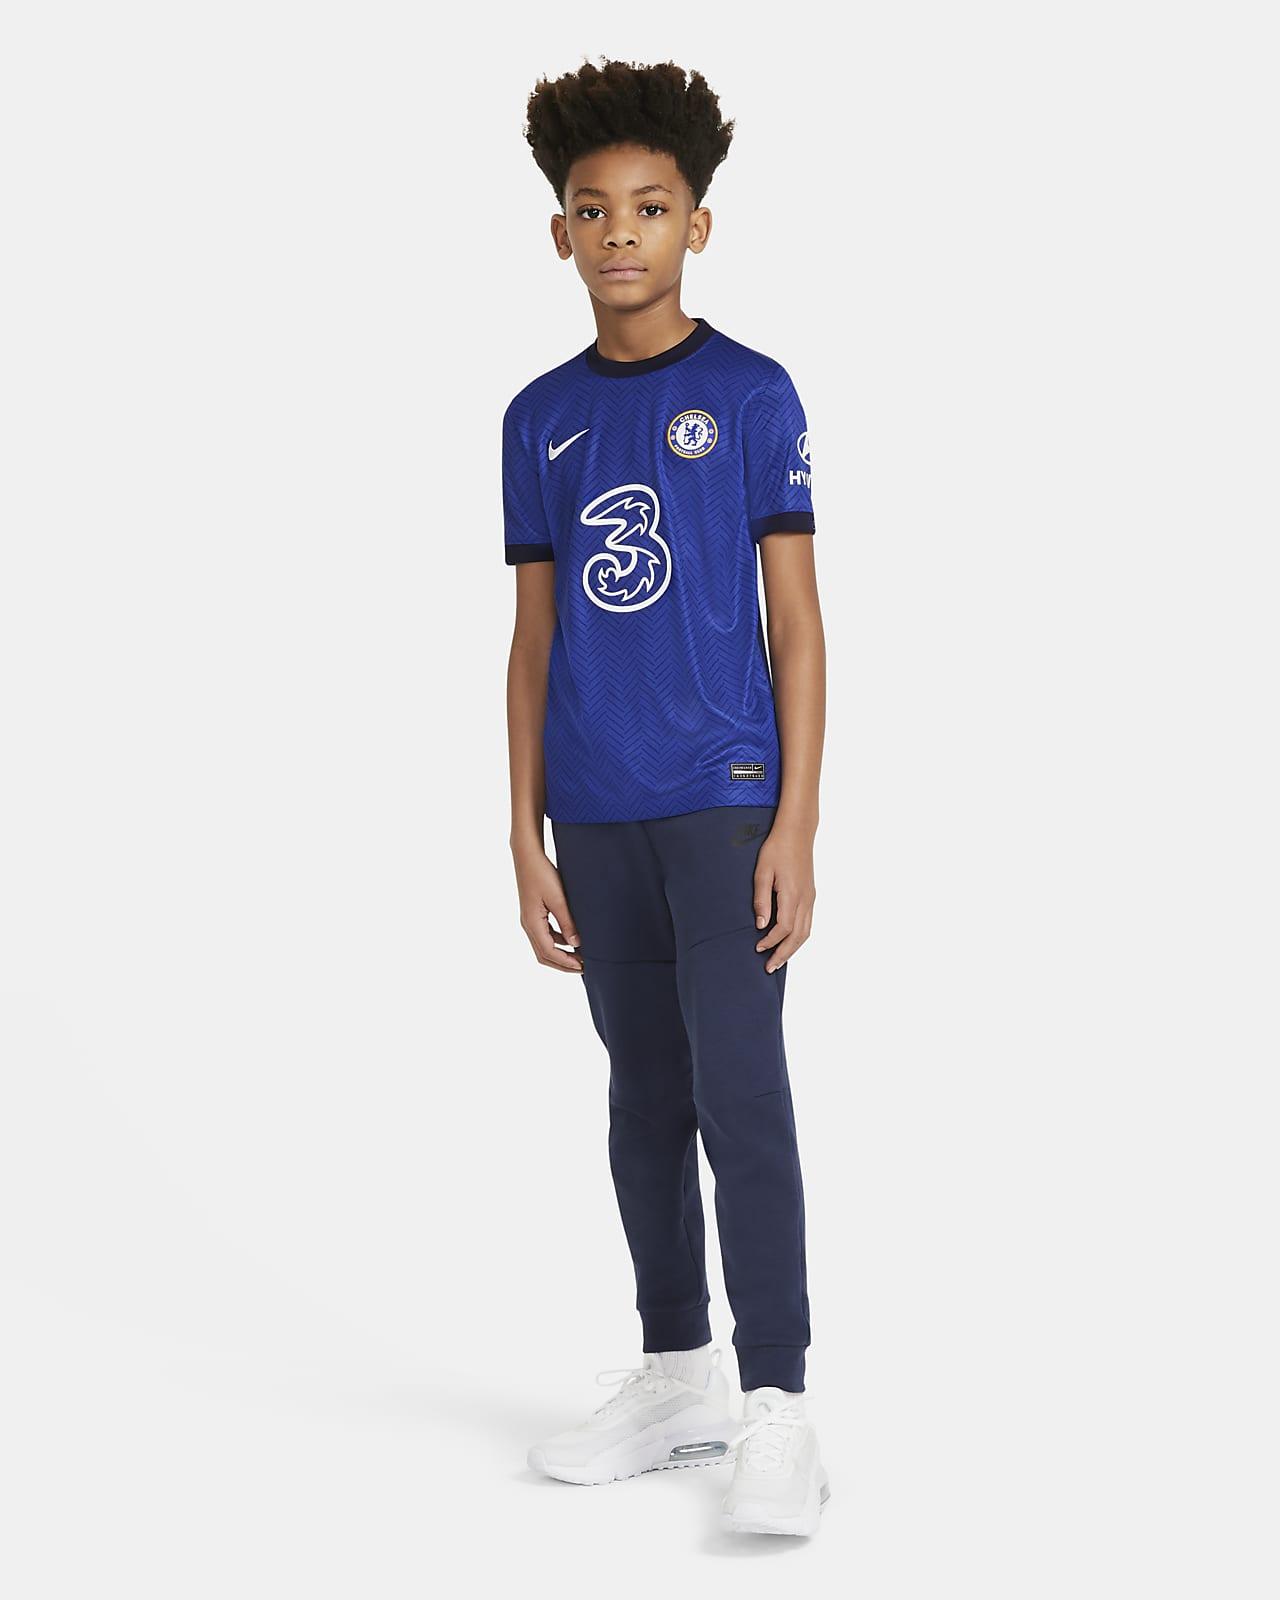 Chelsea FC T skjorte til store barn. Nike NO